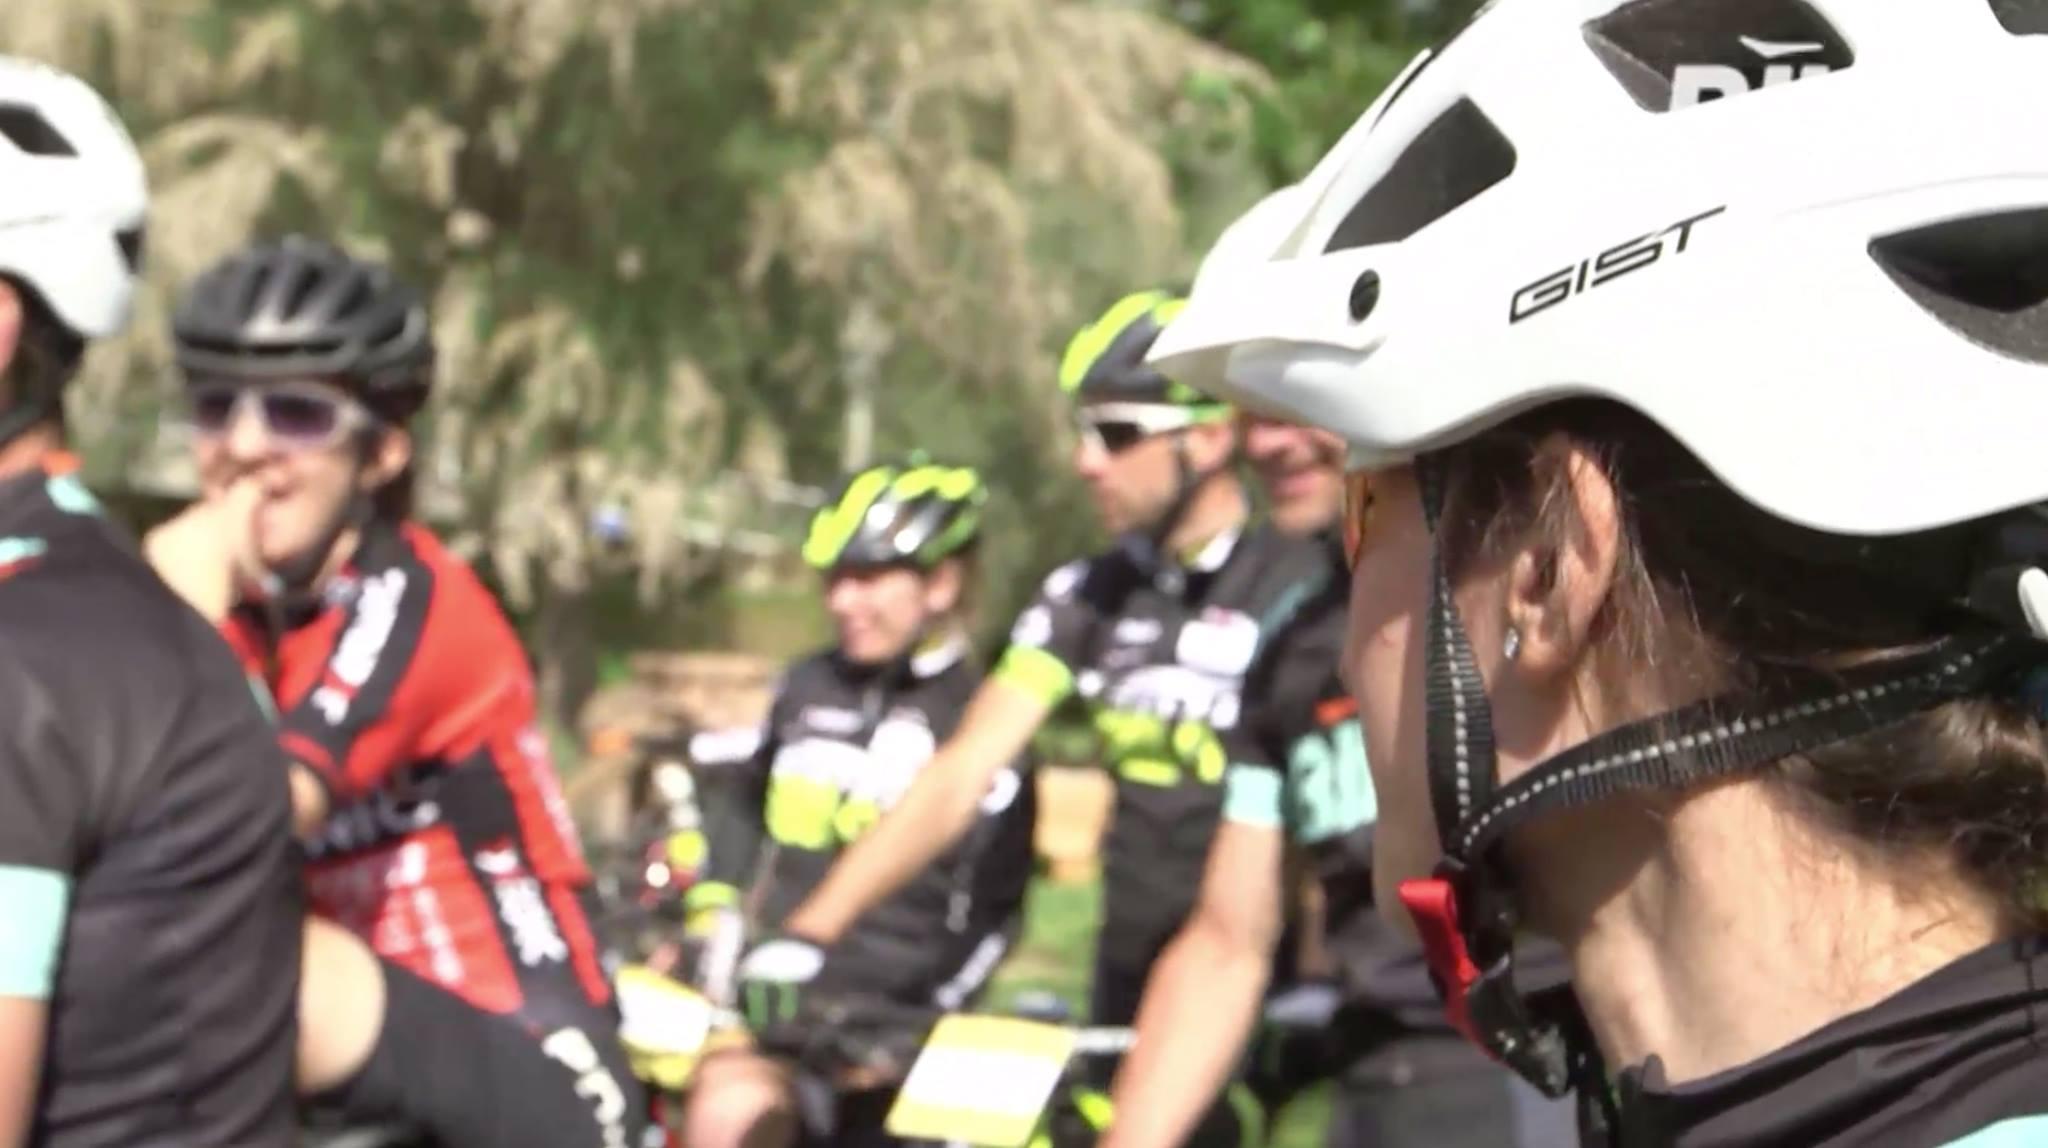 Caschi ciclismo mtb Esk e occhiali Nowind protagonisti di MTB – Sfida ai Pro